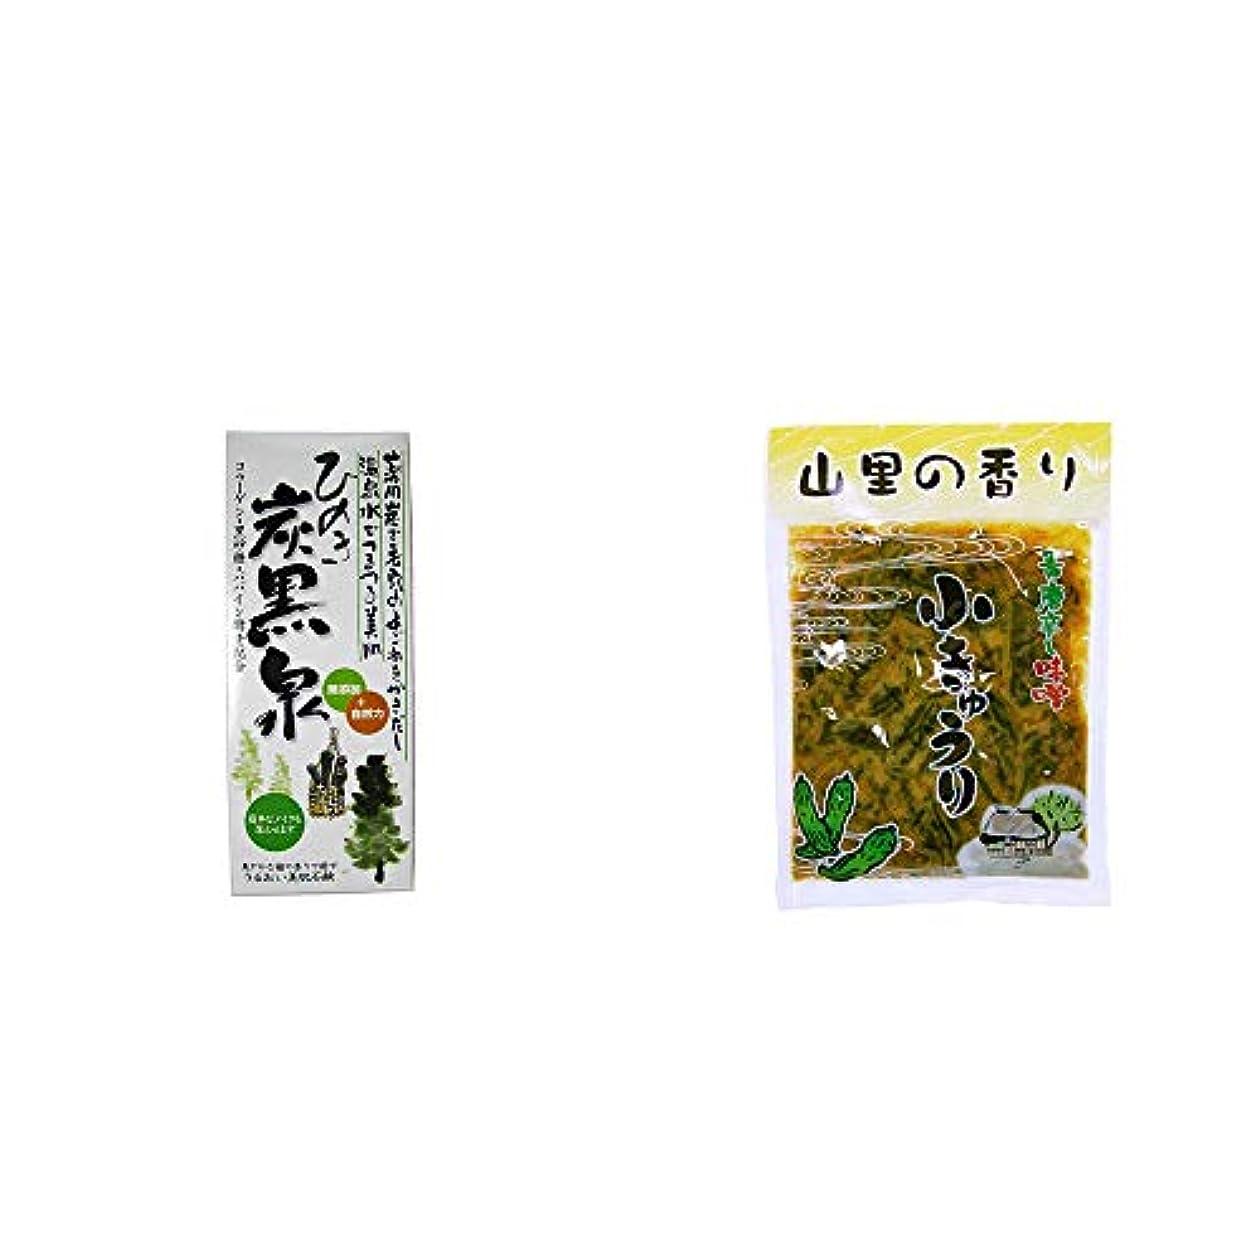 [2点セット] ひのき炭黒泉 箱入り(75g×3)?山里の香り 青唐辛し味噌 小きゅうり(250g)